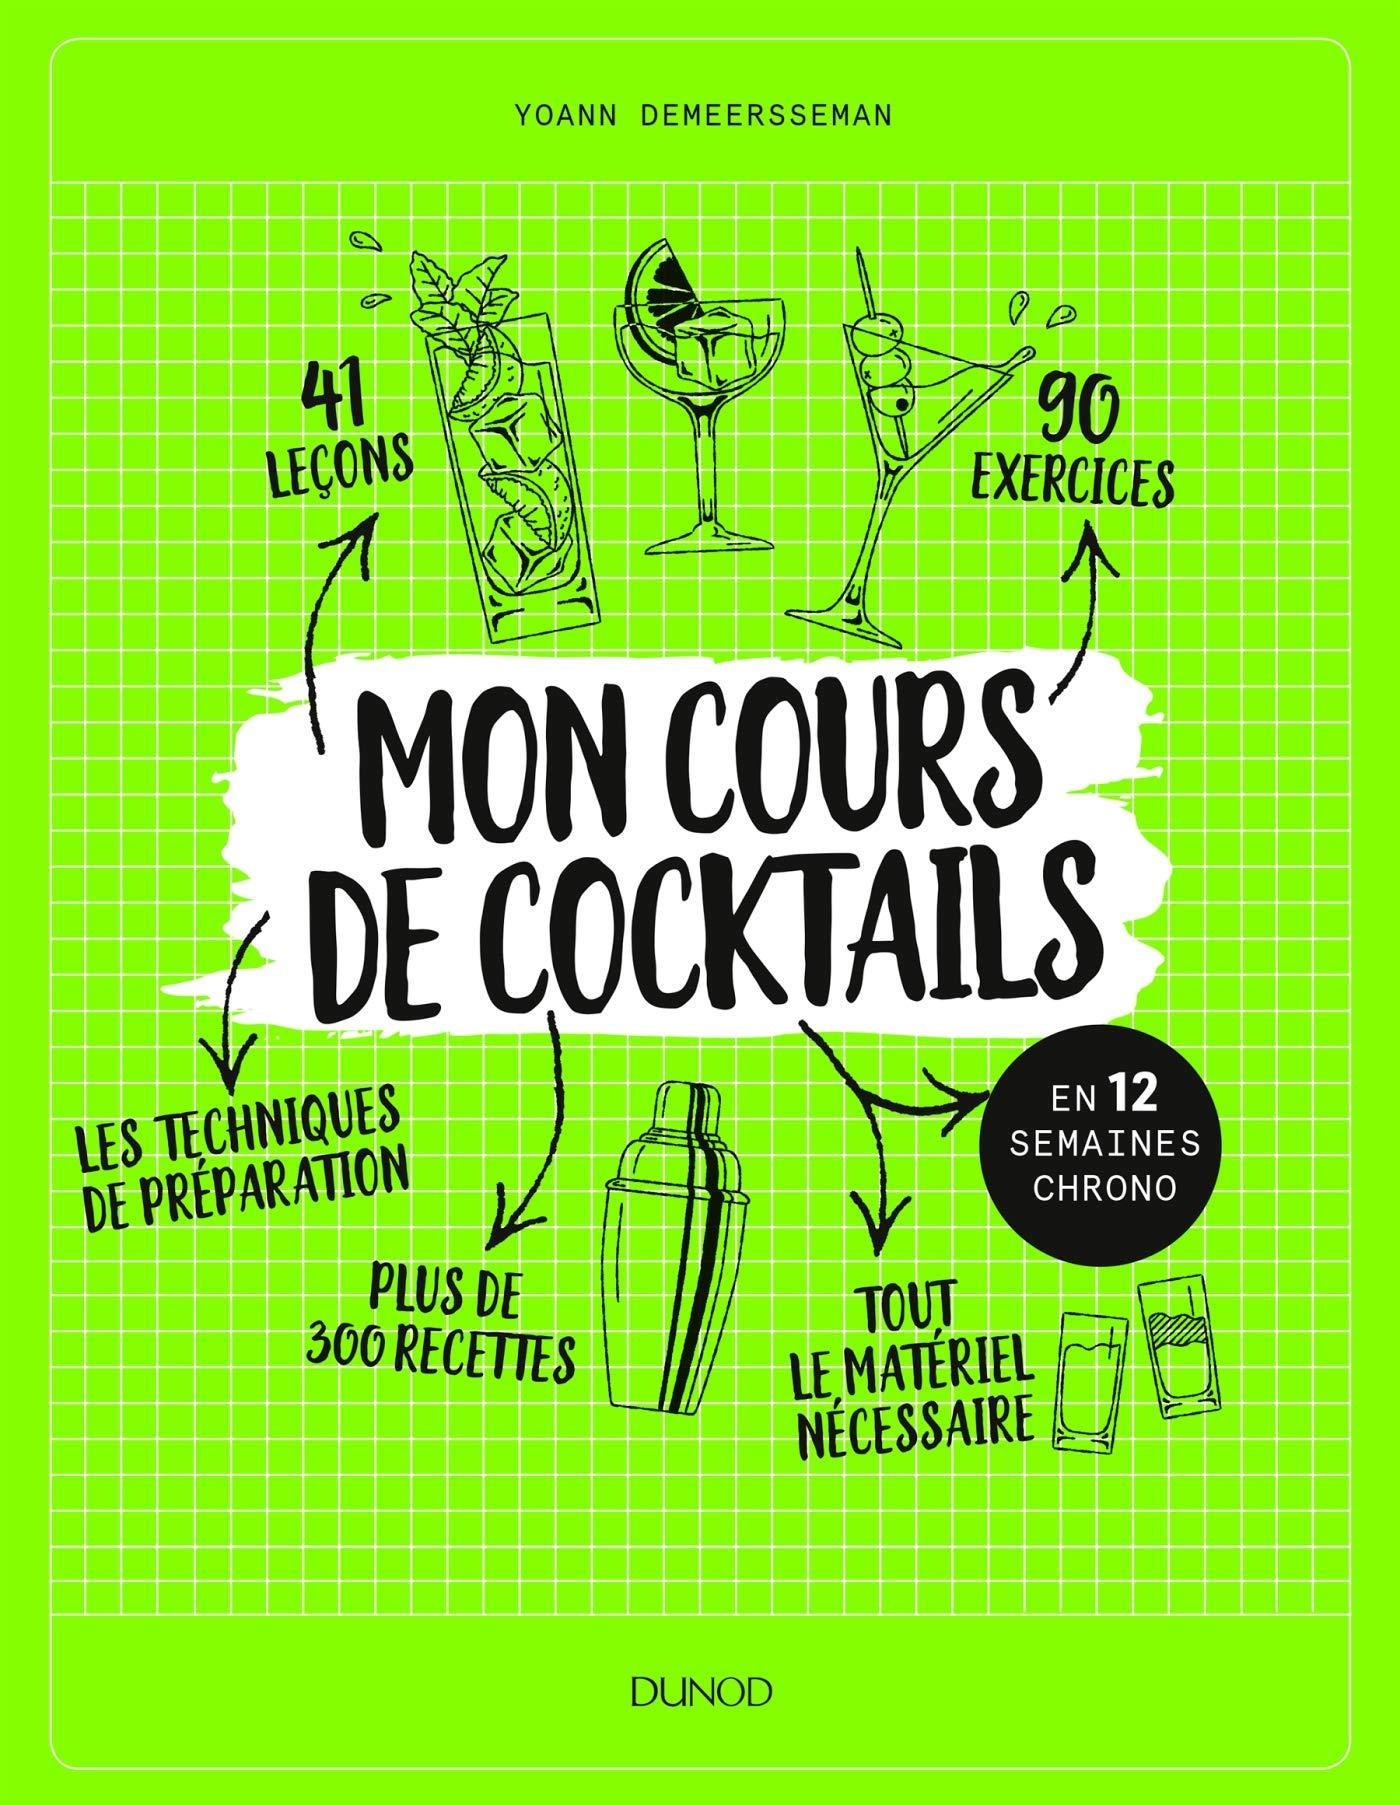 Mon cours de cocktails - en 12 semaines chrono Broché – 10 octobre 2018 Yoann Demeersseman Dunod 2100775839 Vins